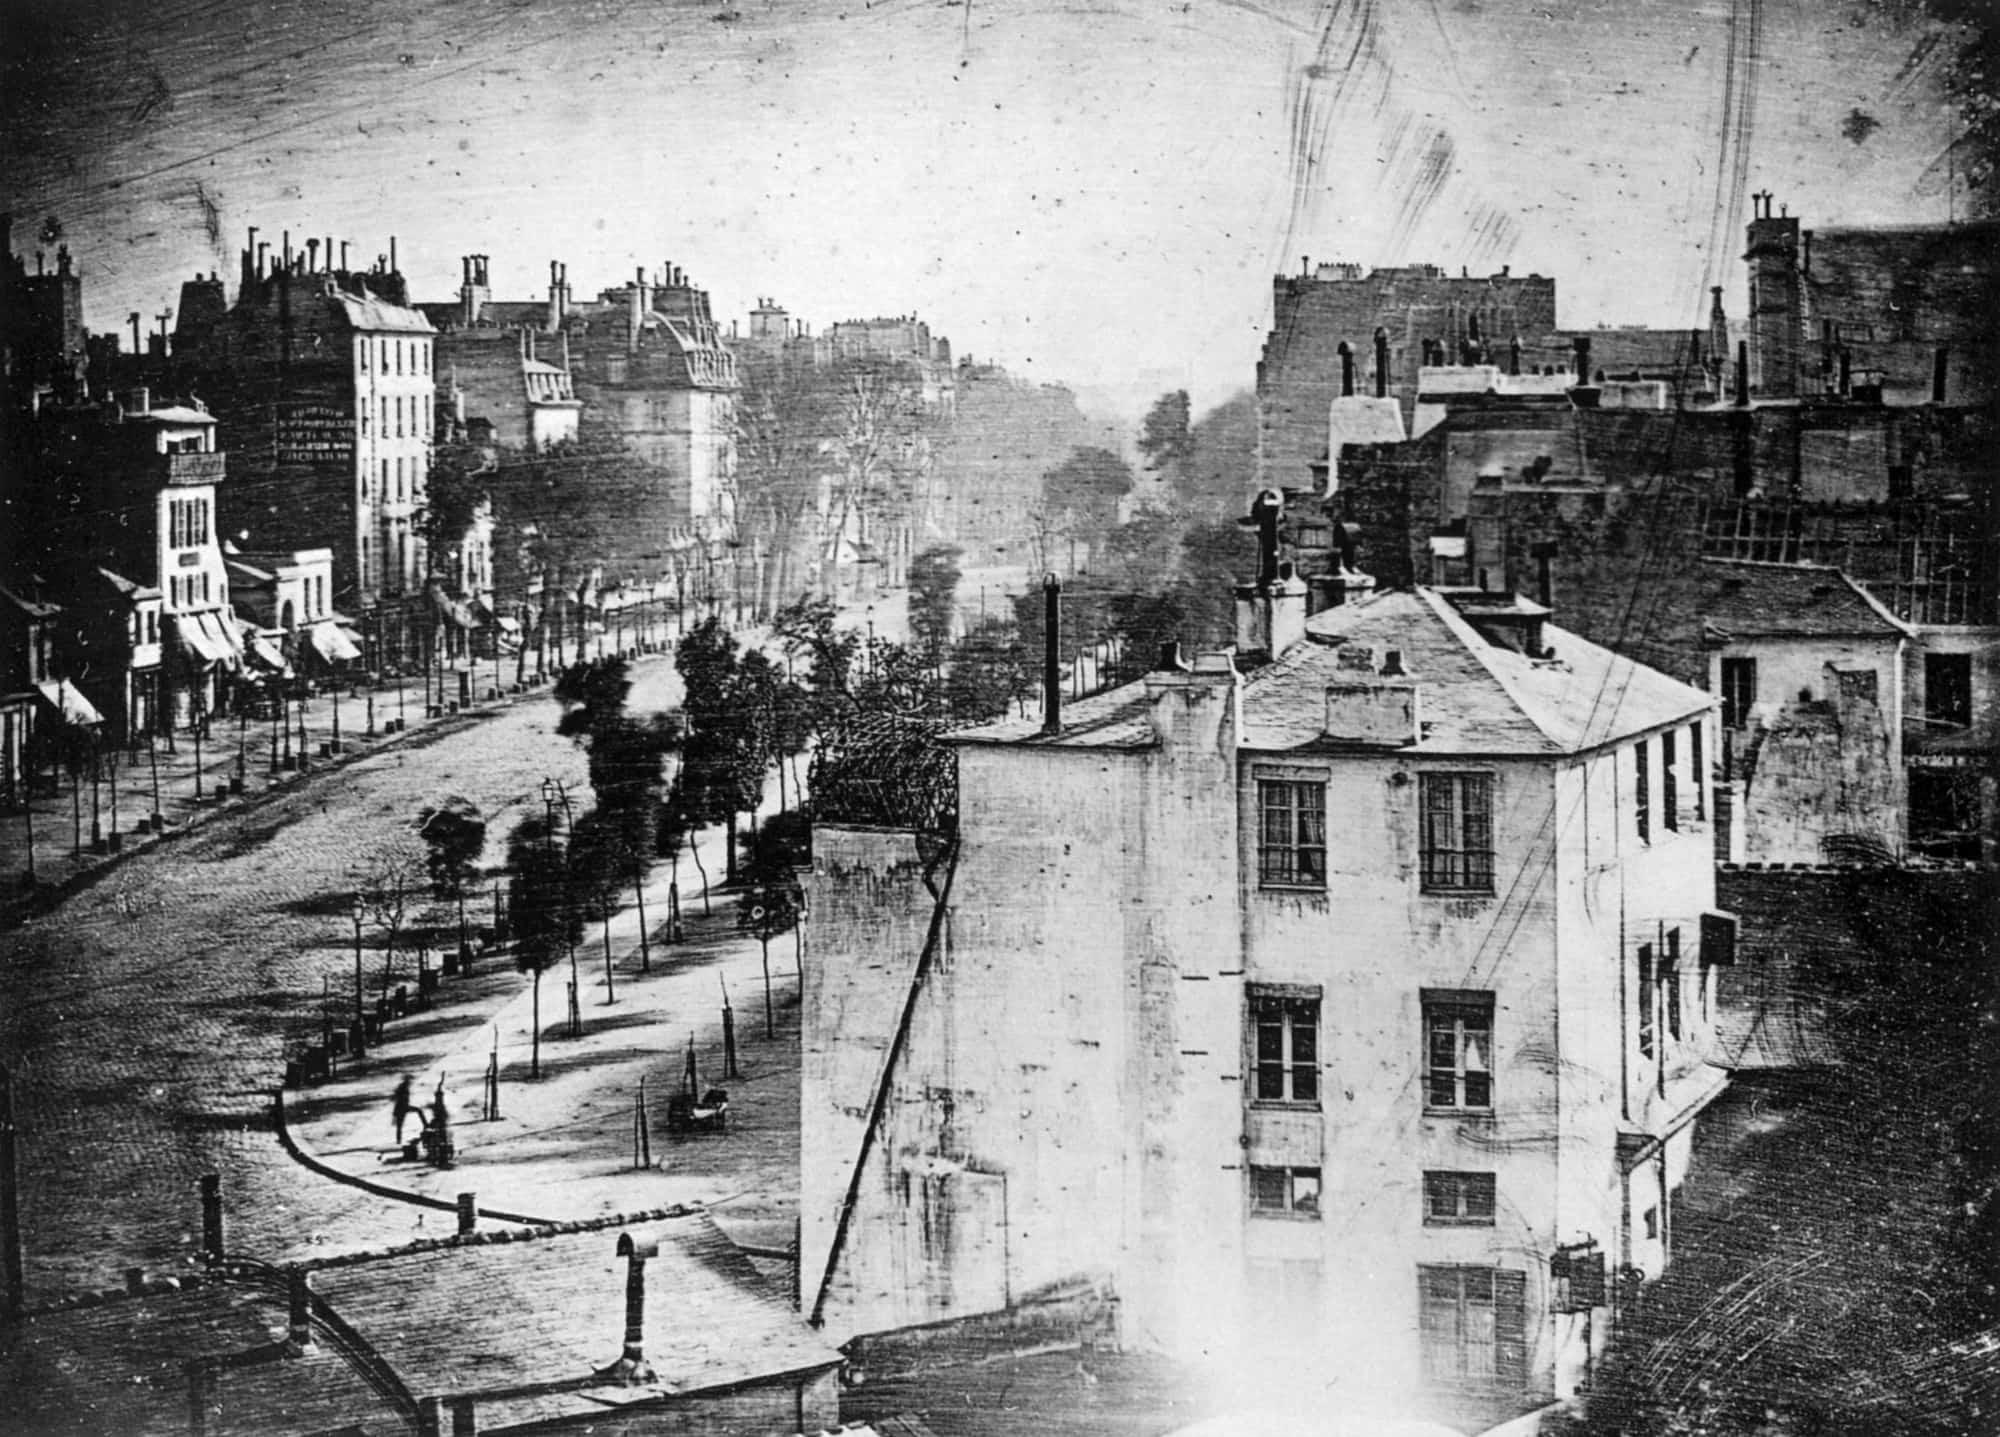 Boulevard du Temple by Daguerre min image